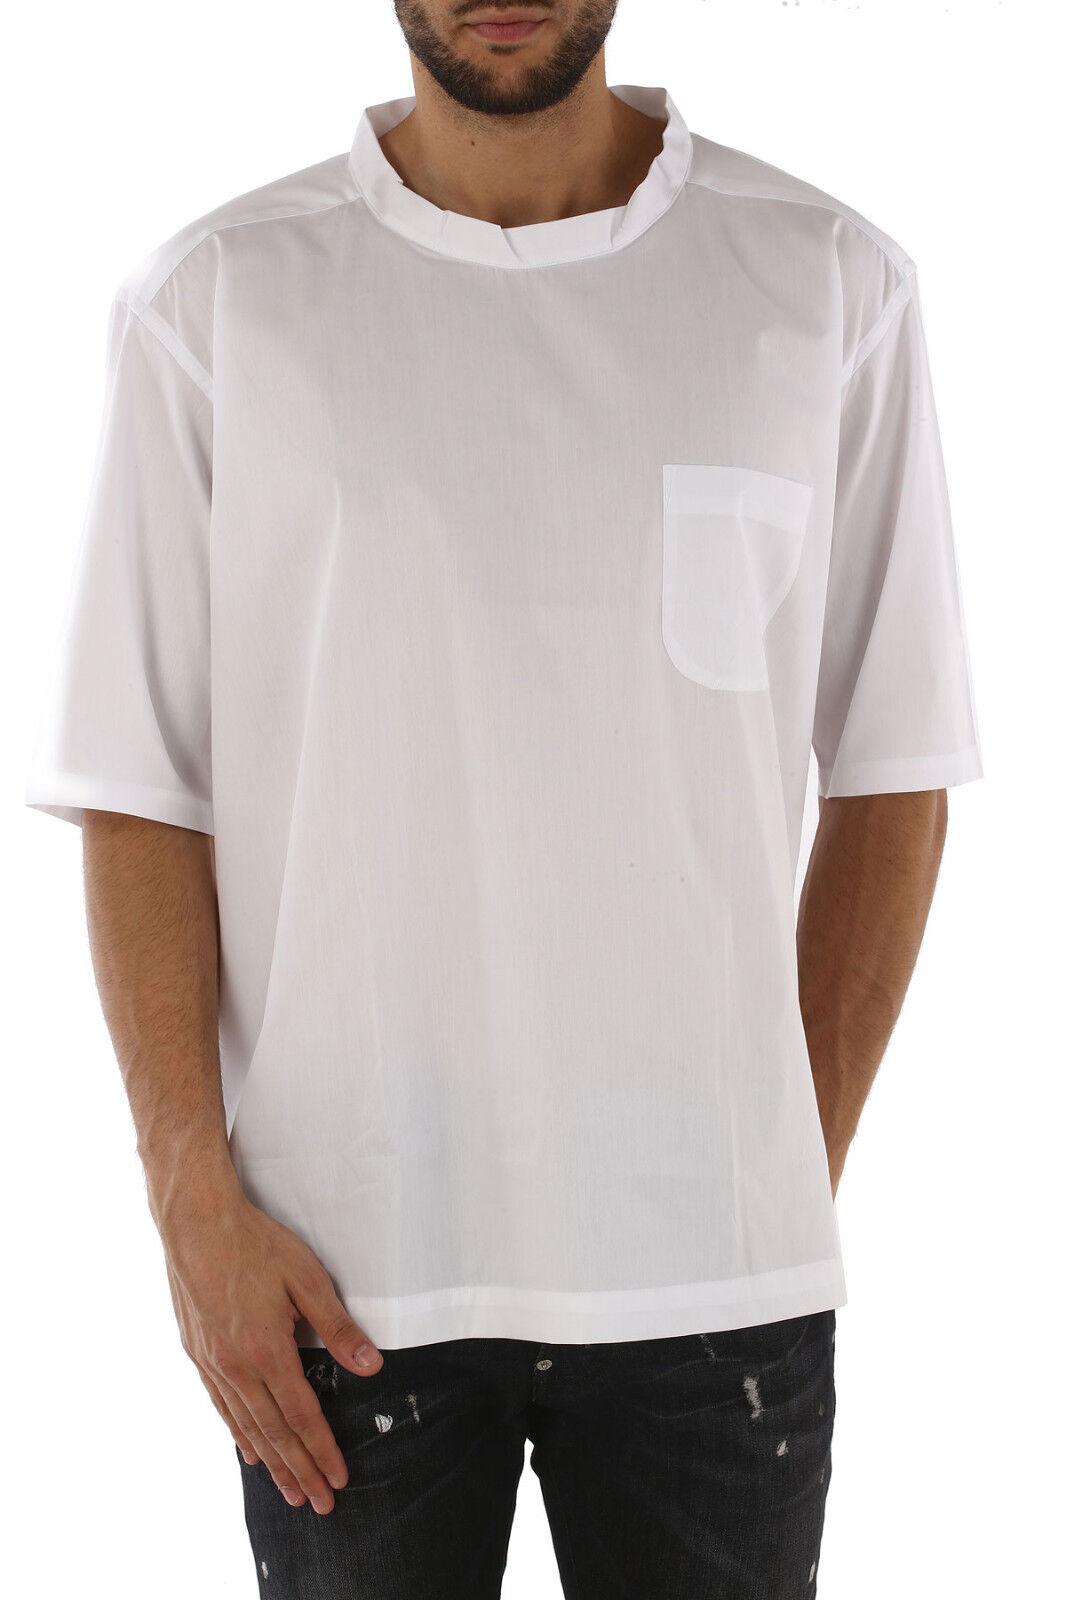 Comme Des Garçons Special ss shirt